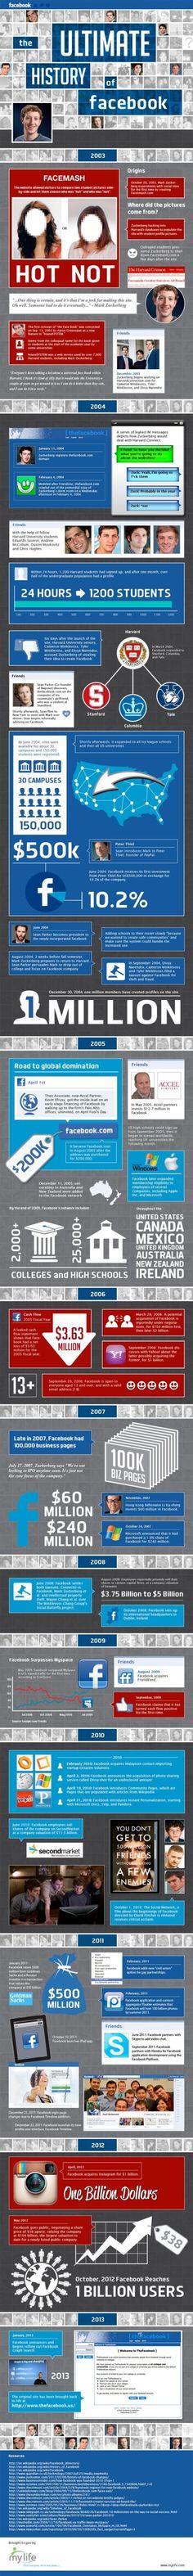 La historia completa de Facebook. #ed1213 Infografía de la semana.